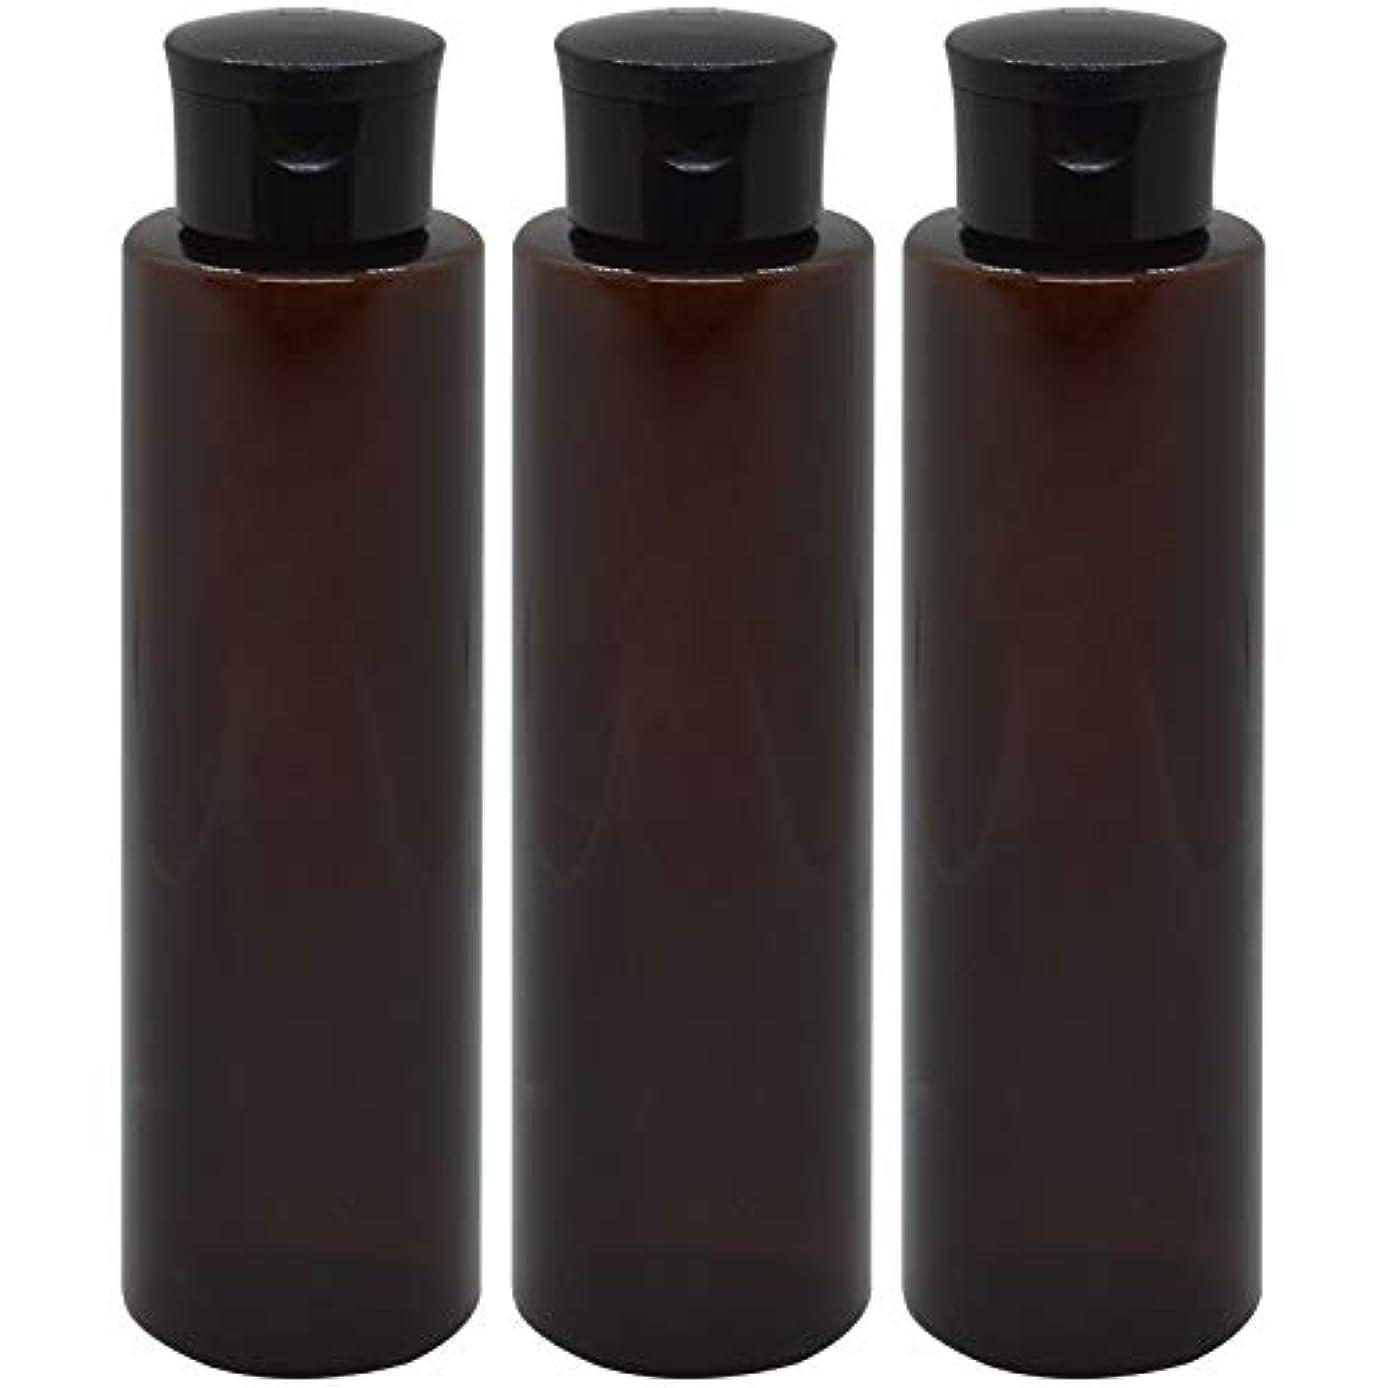 禁じる出くわす隣人日本製 化粧品詰め替えボトル 茶色 200ml 3本セット ワンタッチキャップペットボトル クリアブラウン